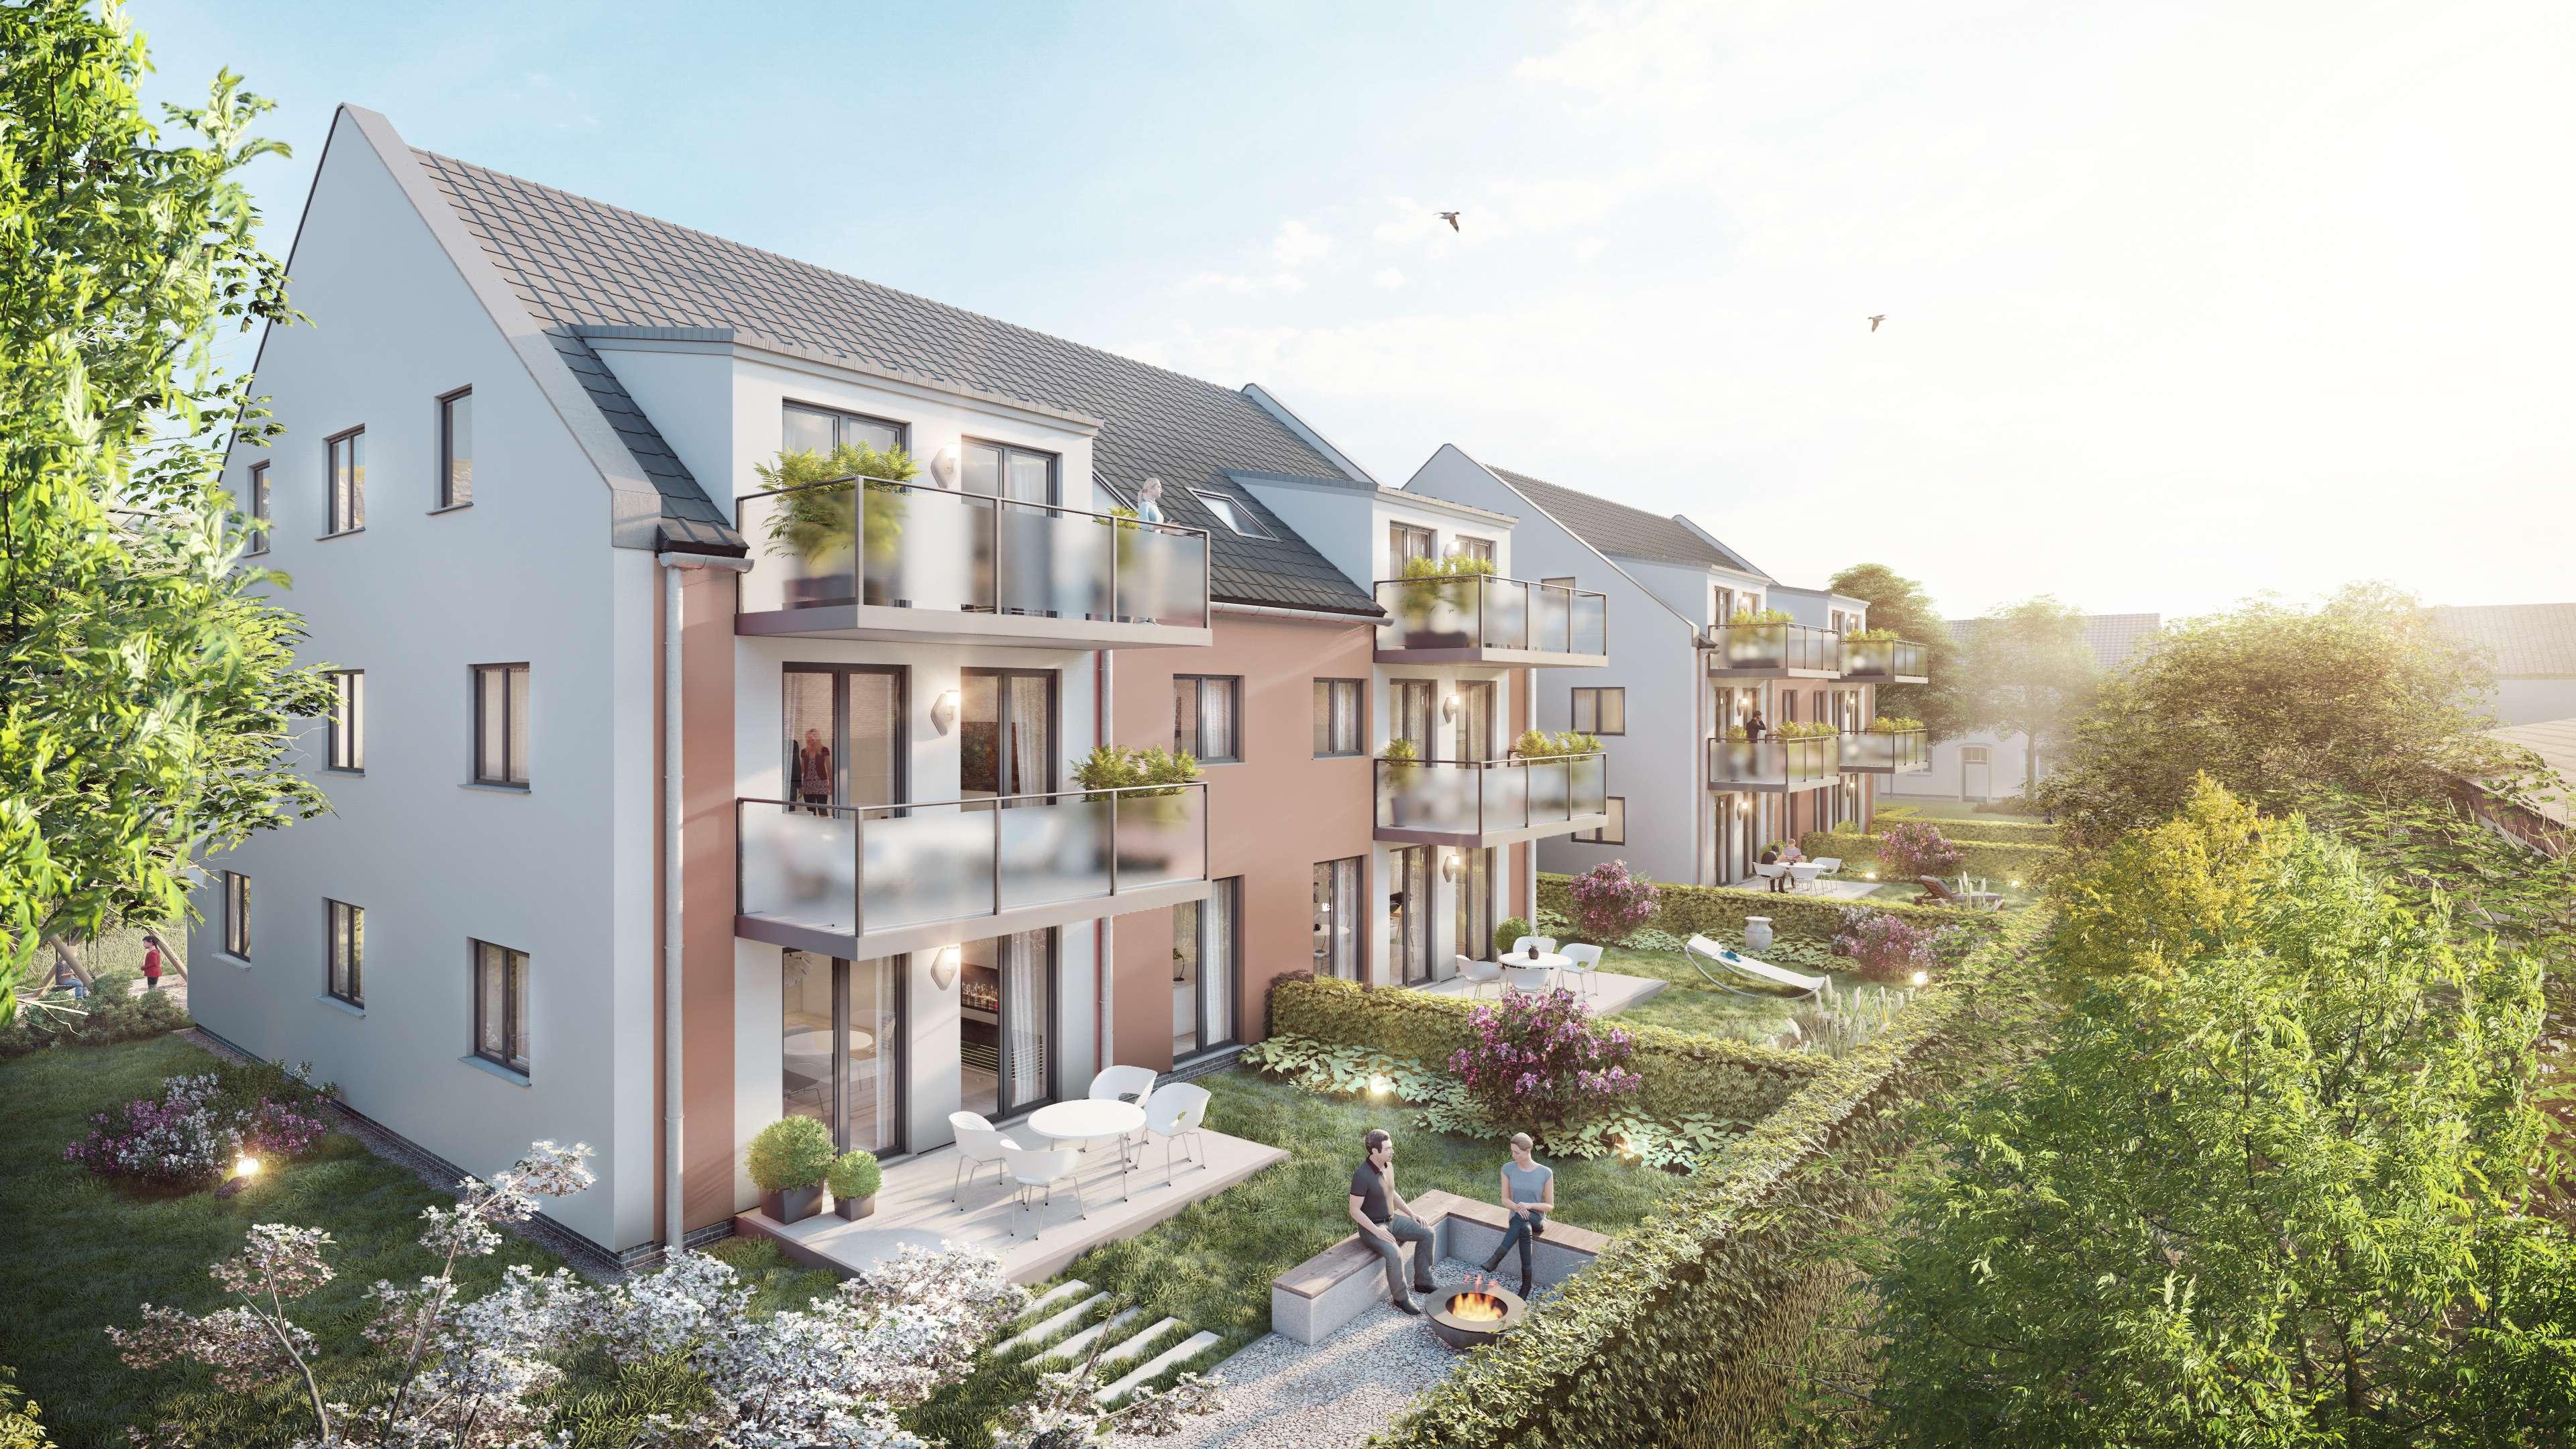 2 Zimmer Neubauwohnung mit großem Balkon in Moosburg an der Isar